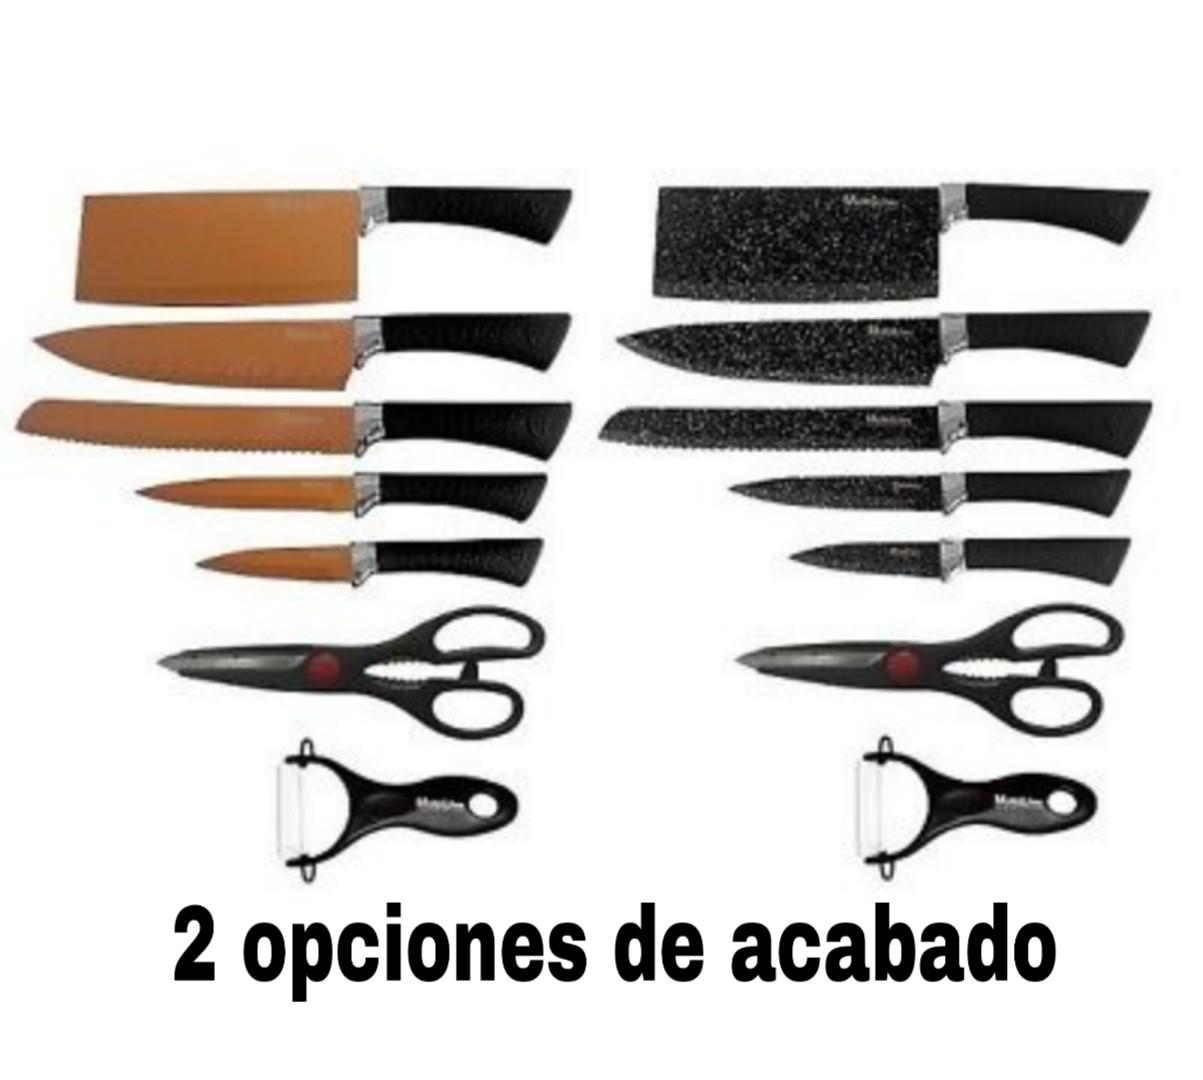 Set de 5 cuchillos, tijeras y pelador